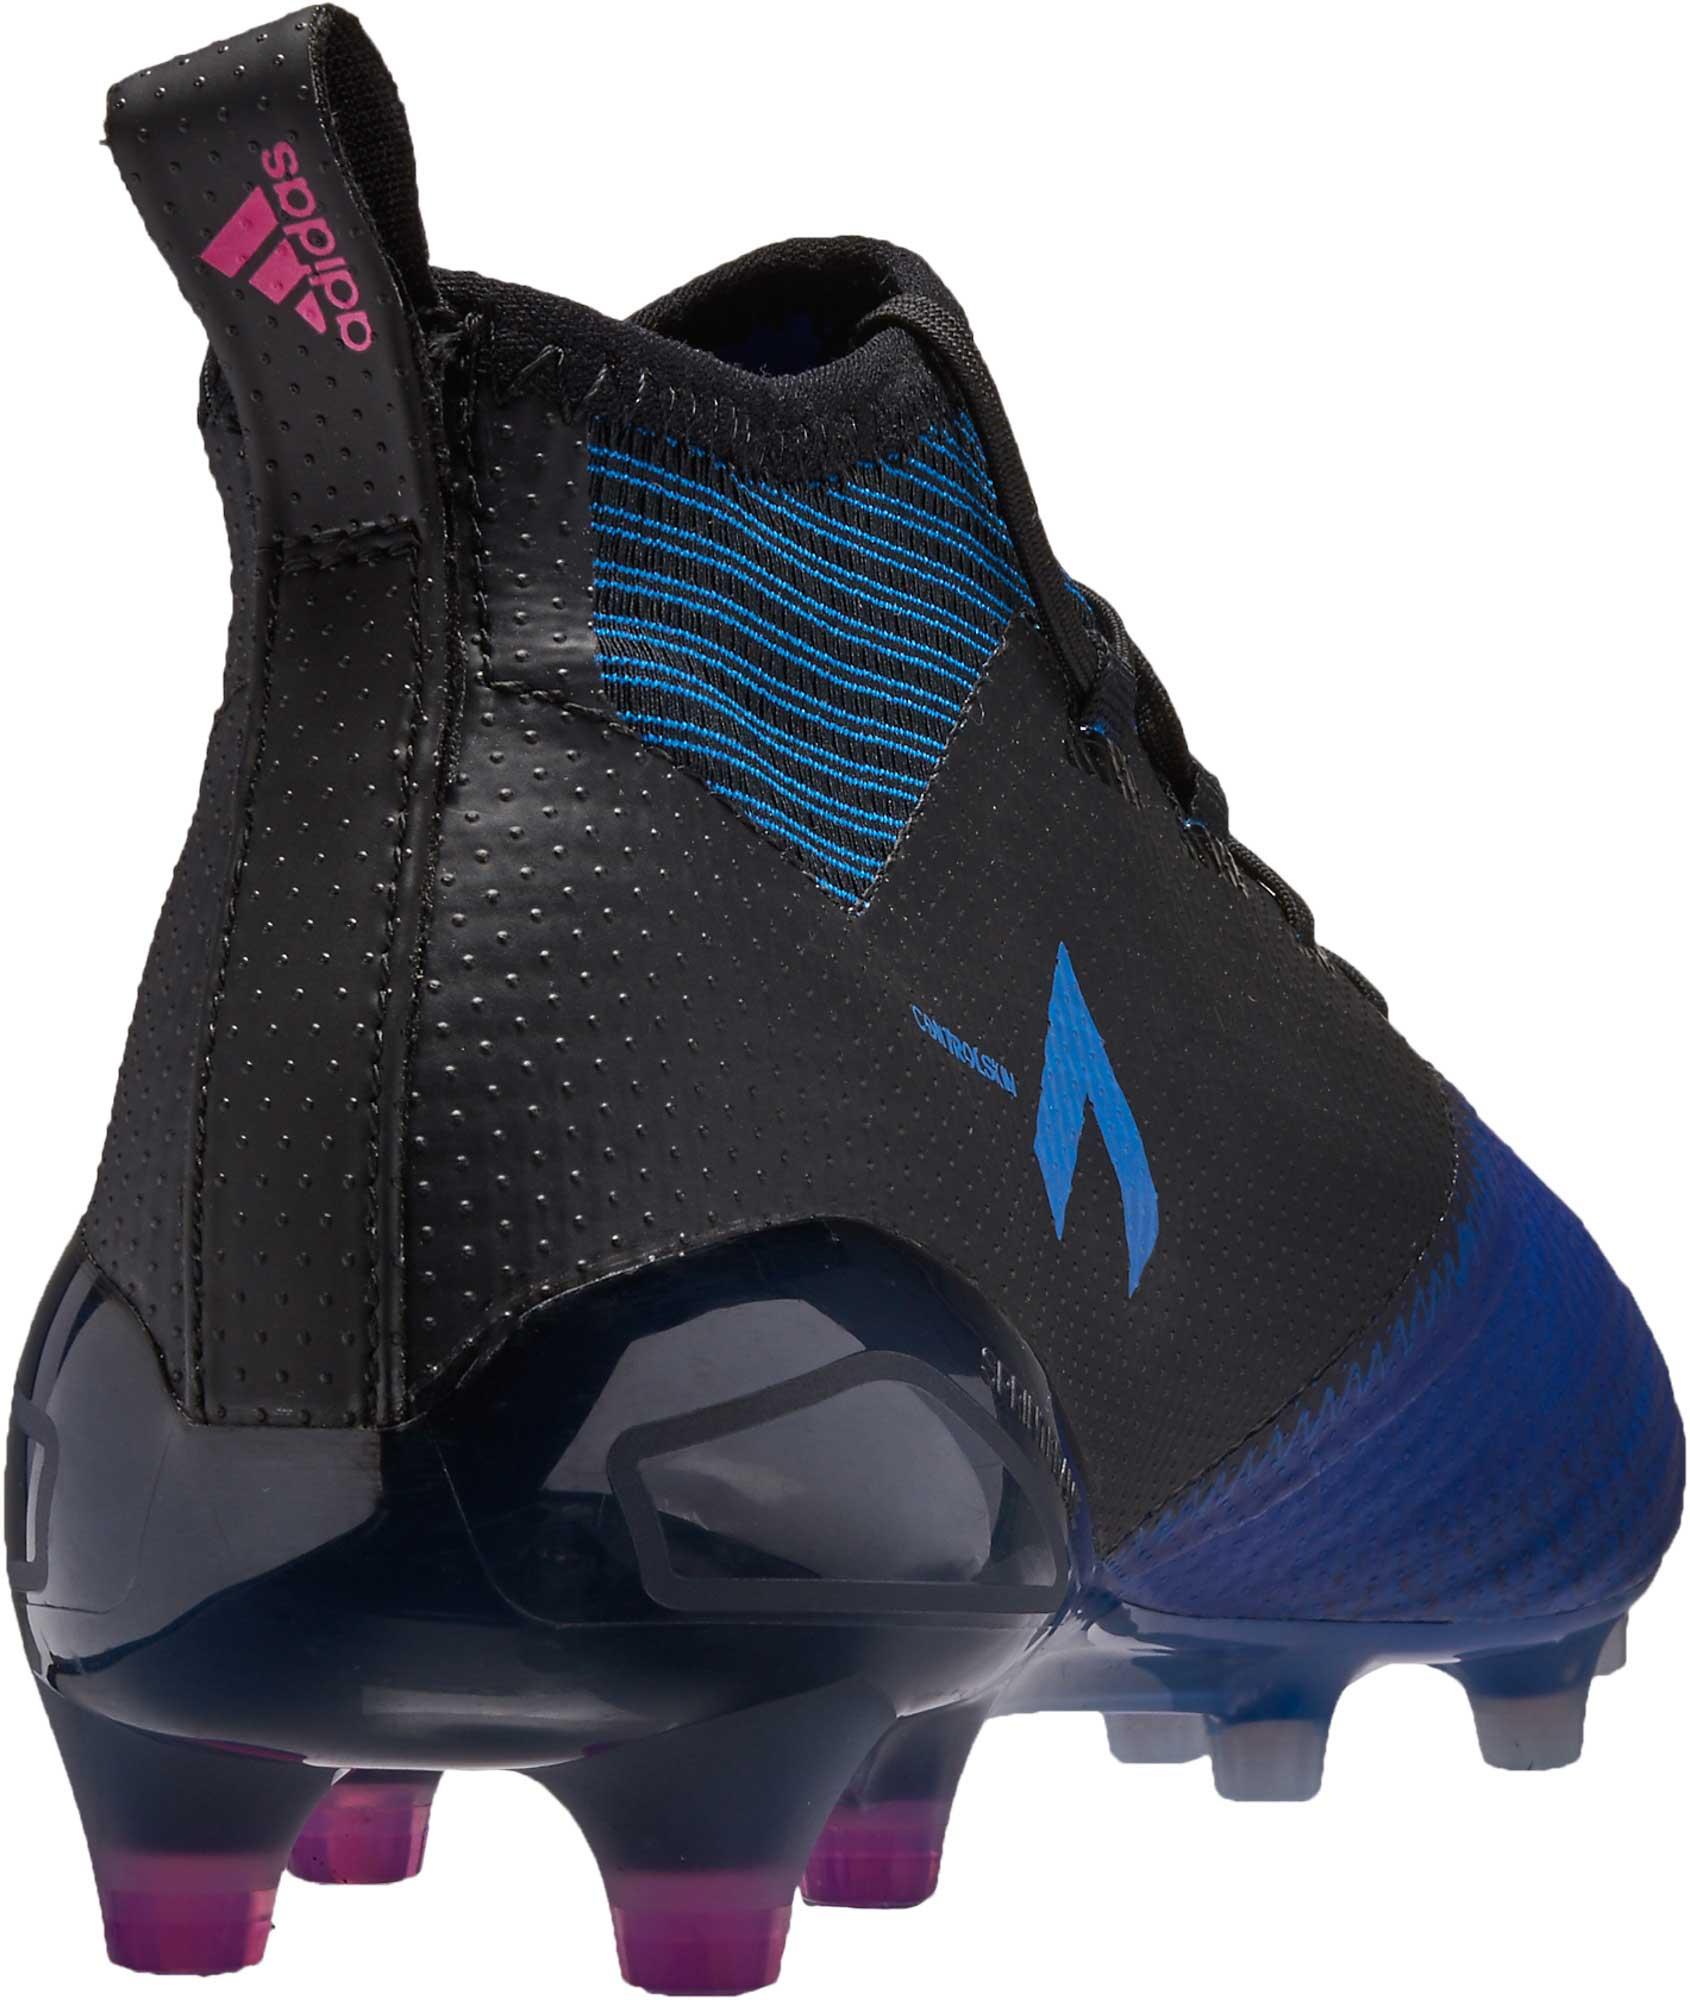 more photos 0e0d0 3cf44 adidas ACE 17.1 Primeknit FG – BlackBlue